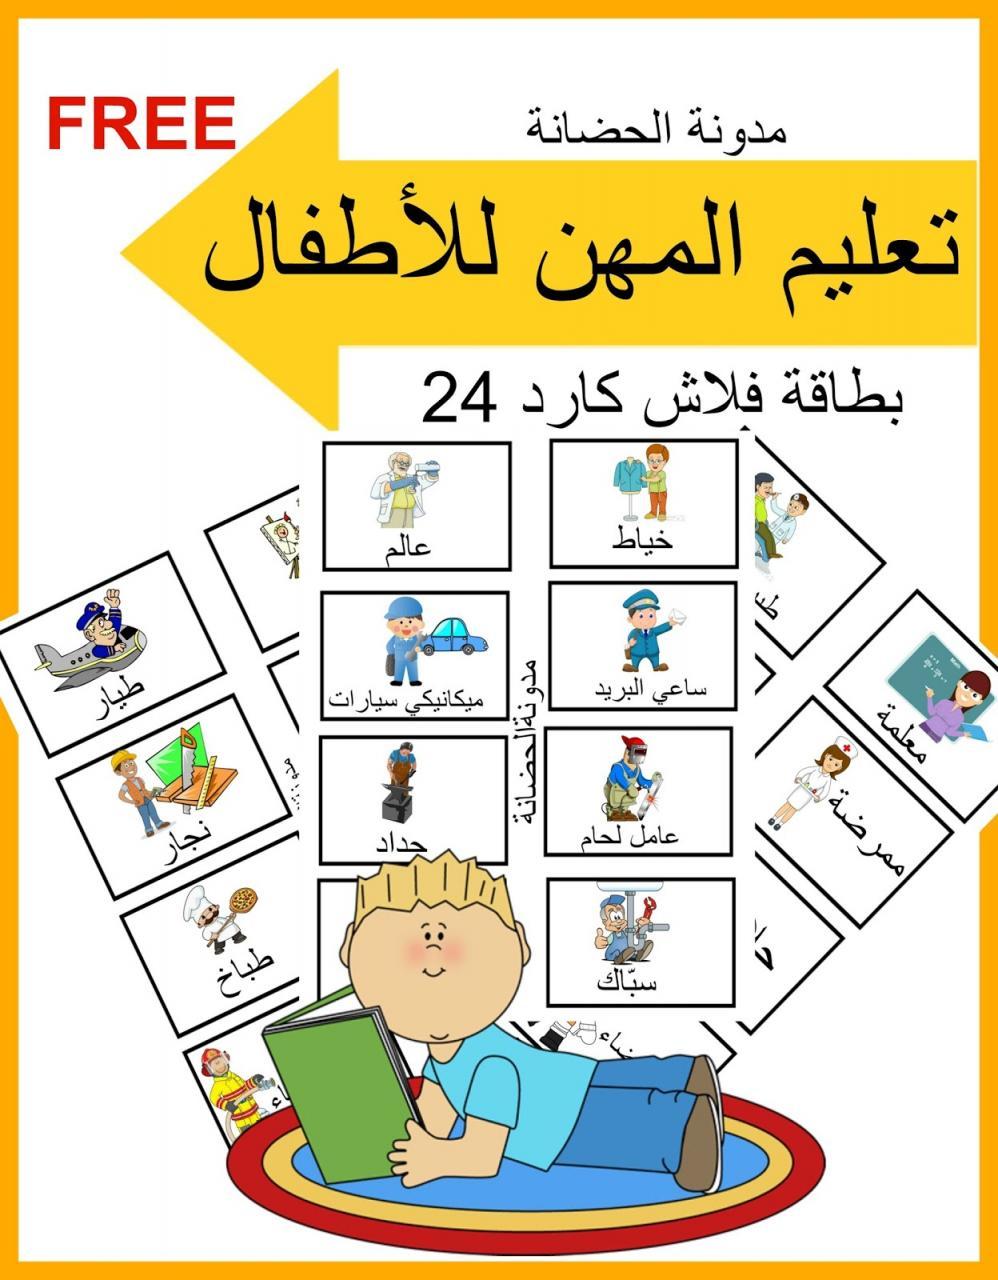 كتاب تعلم الانجليزية من غير معلم